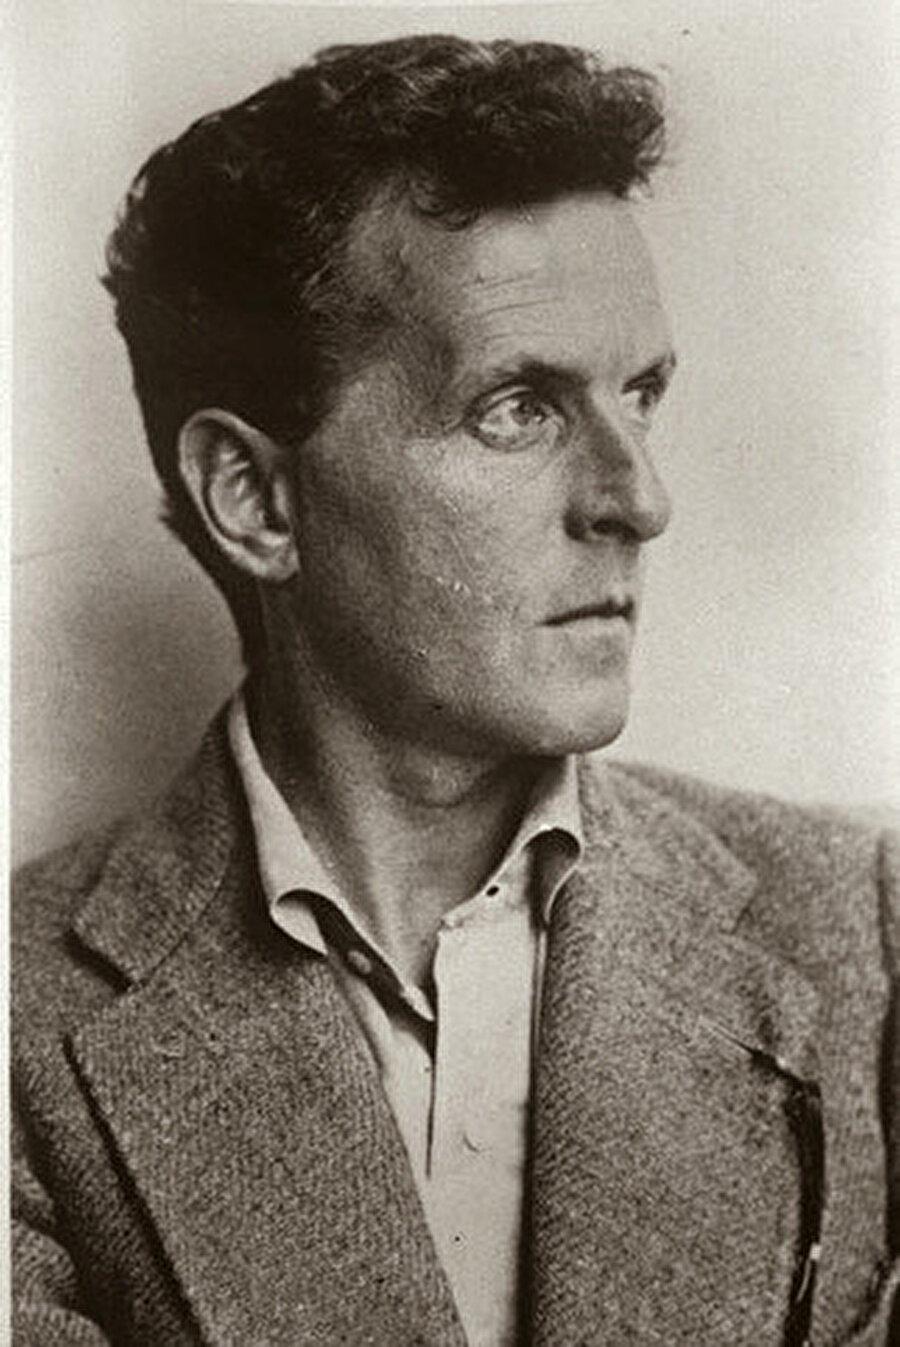 Kişi yalan söylemiyorsa yeterince özgündür.- Wittgenstein